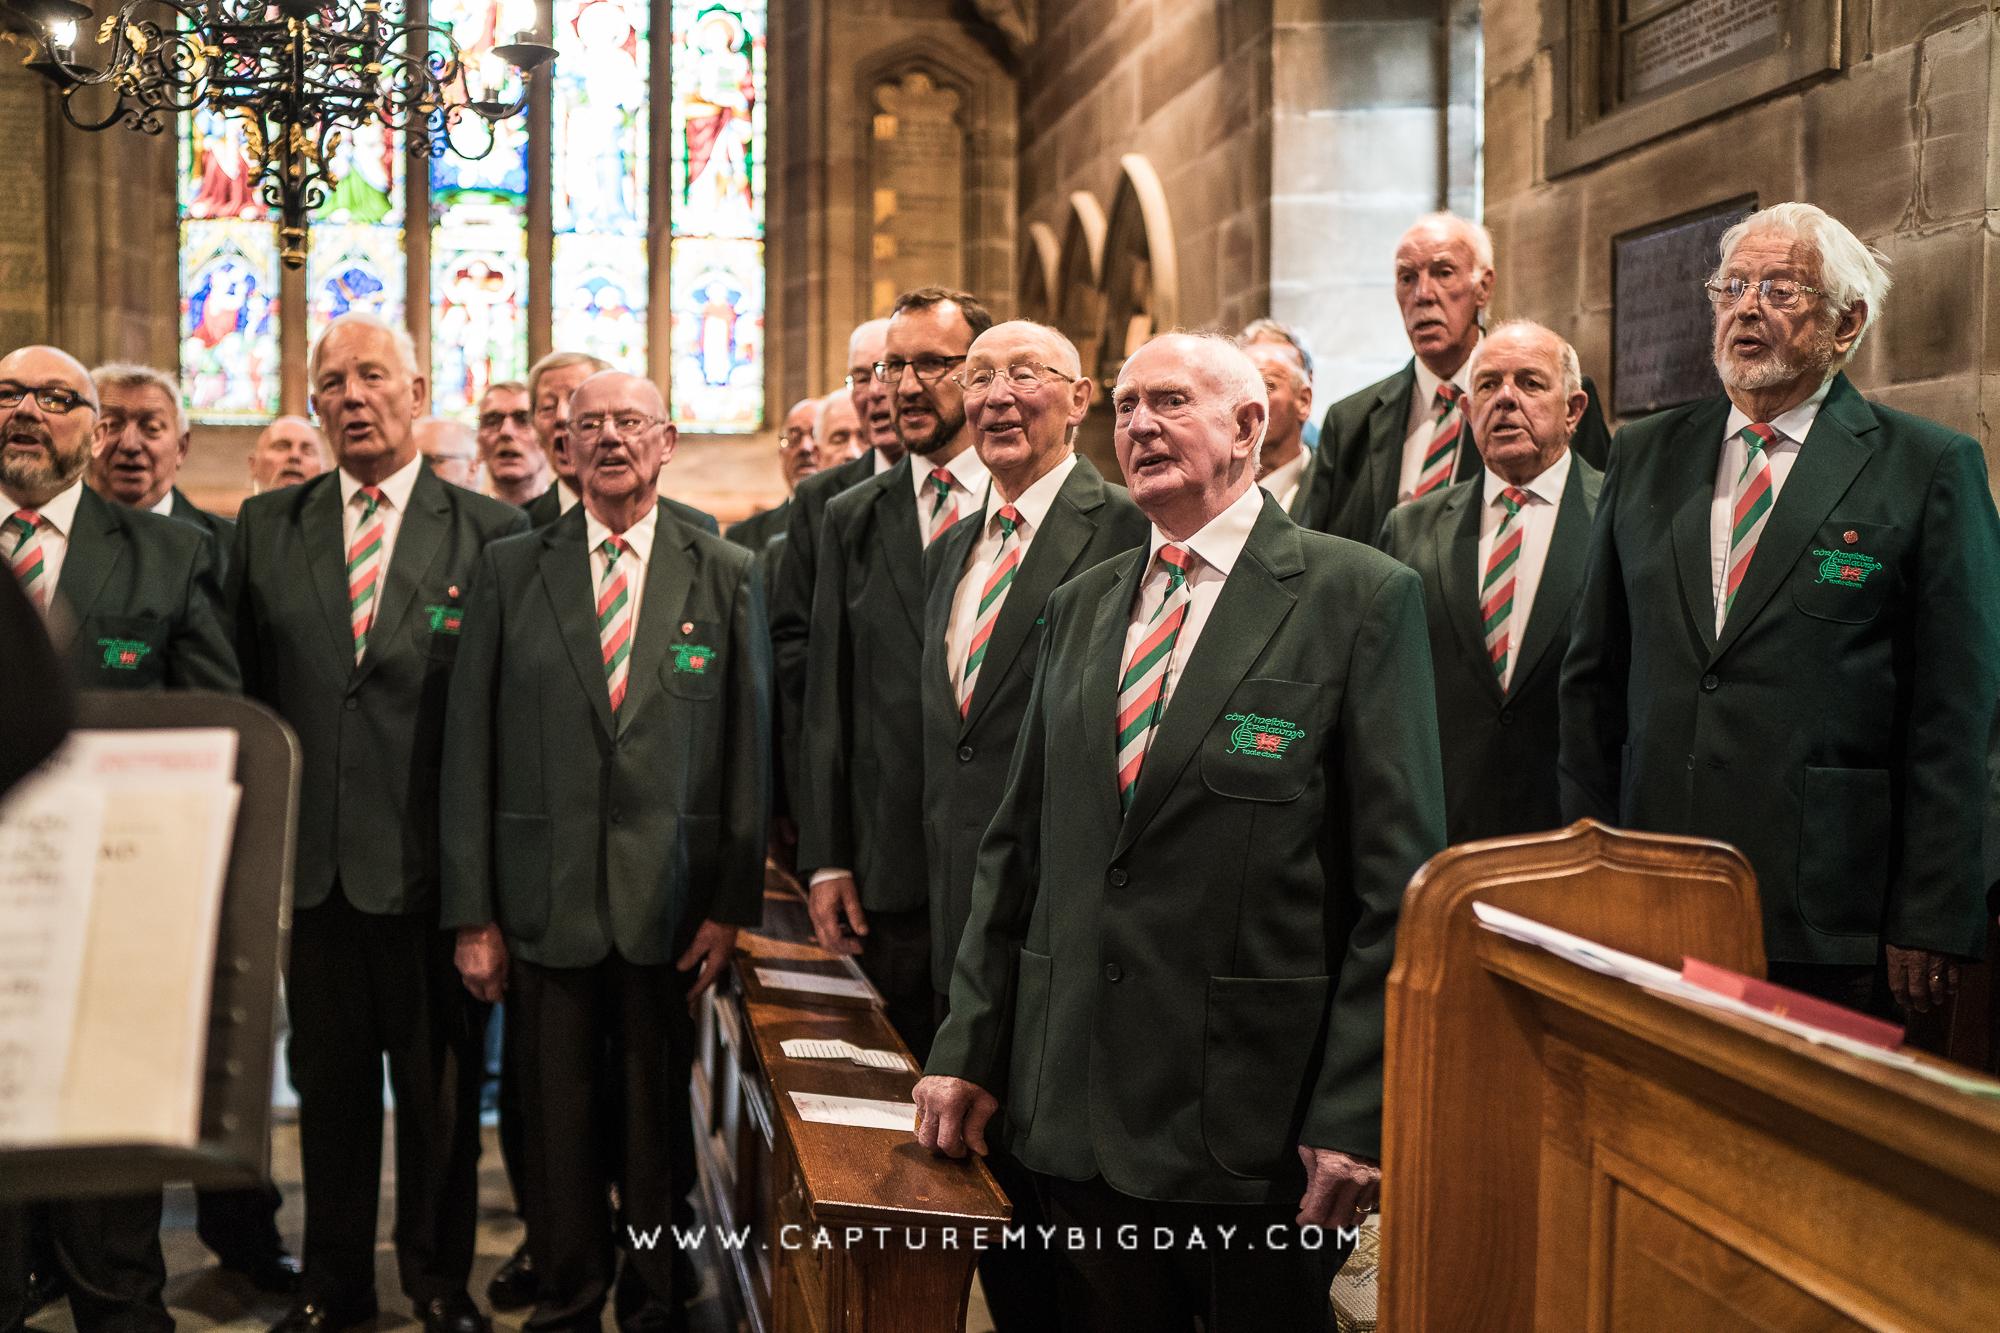 Male choir singing in church